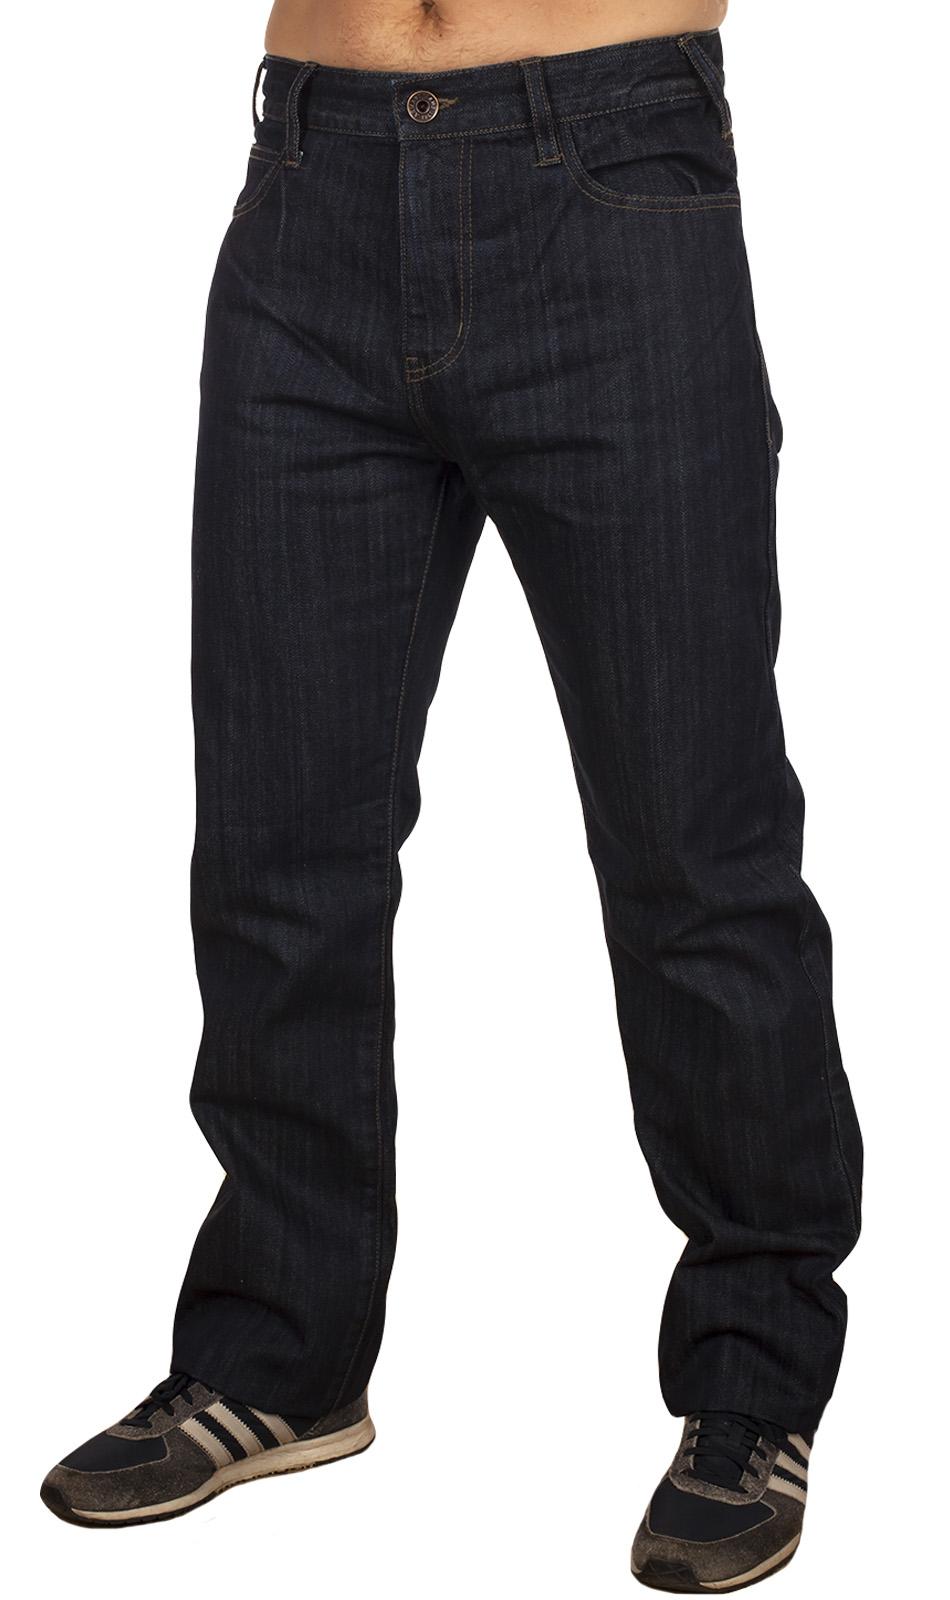 В интернет магазине Военпро вы можете купить настоящие итальянские джинсы  по цене, которая будет в 3-4 раза ниже предложений других сайтов. 96fe3940a2a